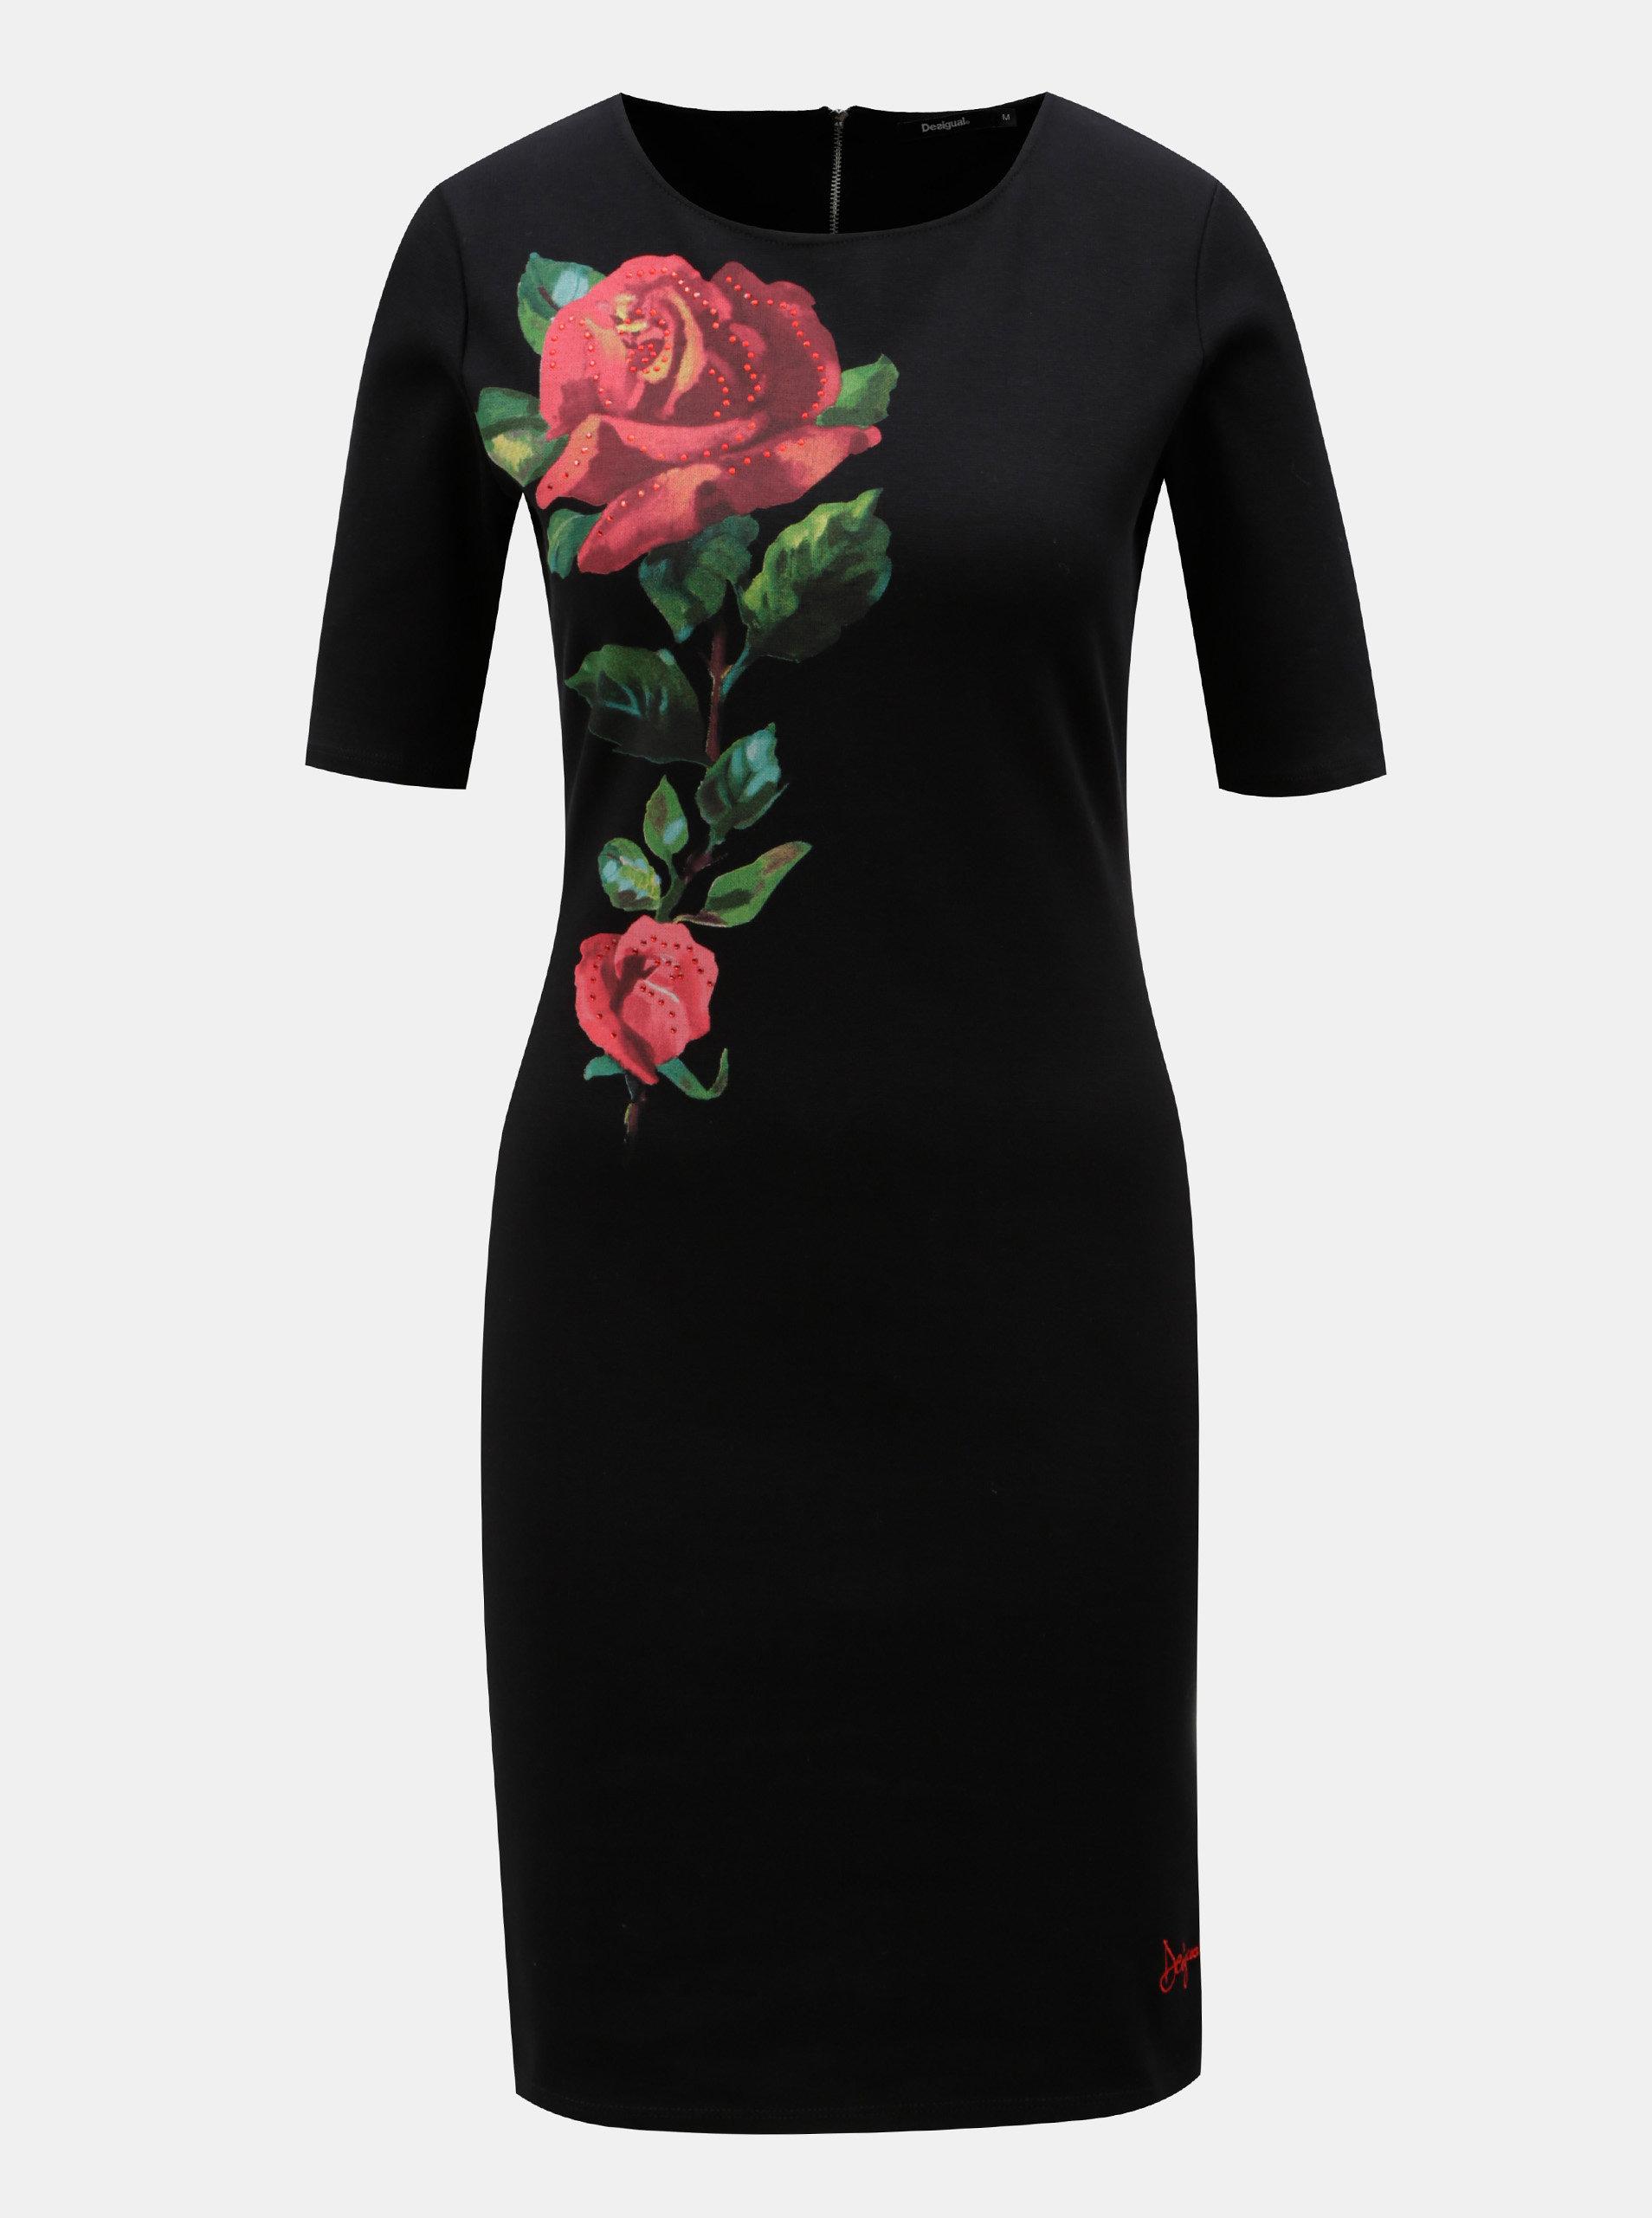 59ba4debbb9 Černé pouzdrové šaty s květinovým potiskem Desigual Helga ...